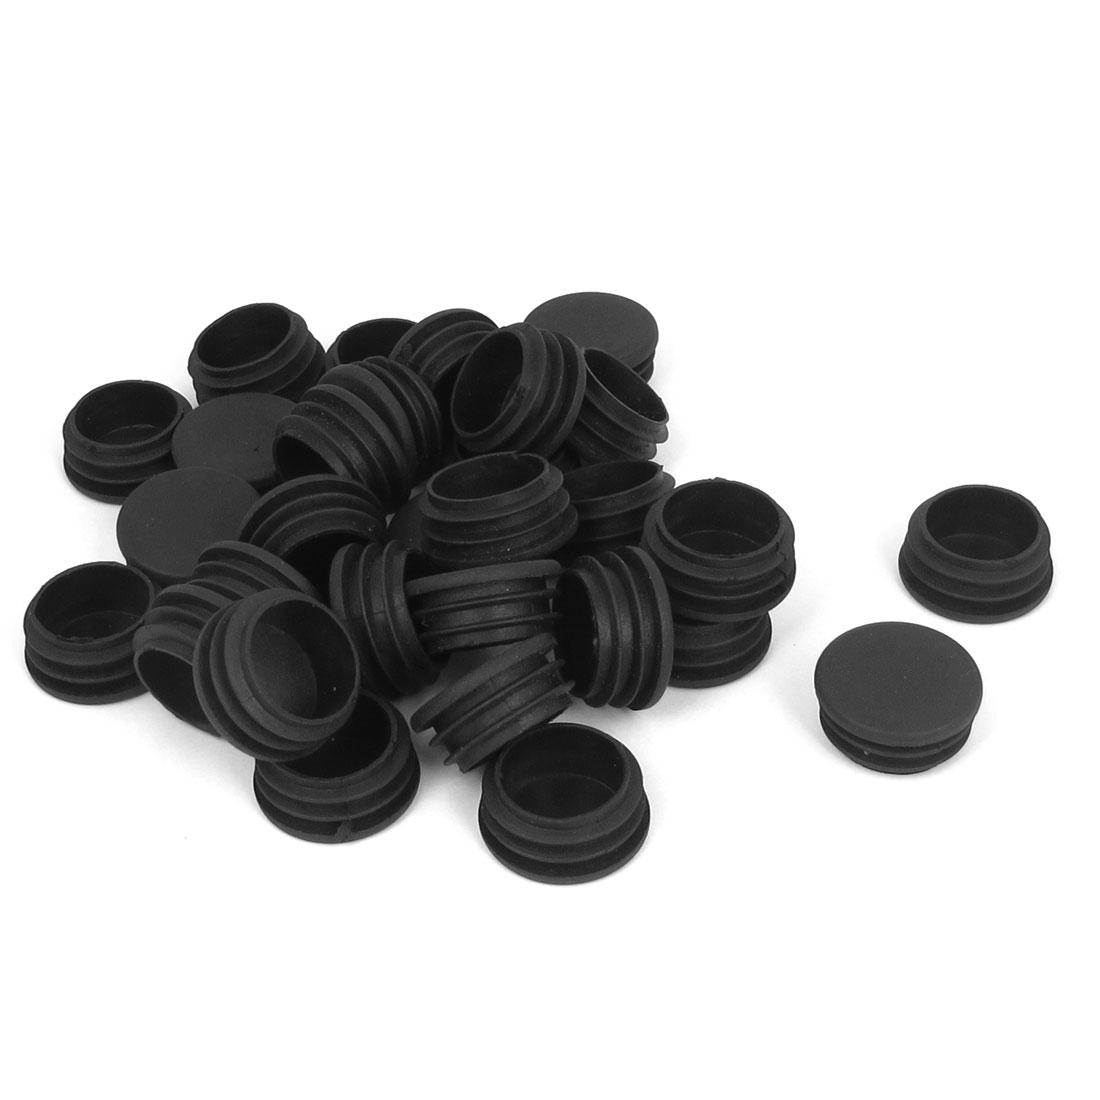 Promoci n de tubo de pl stico tapa compra tubo de - Conteras de plastico ...